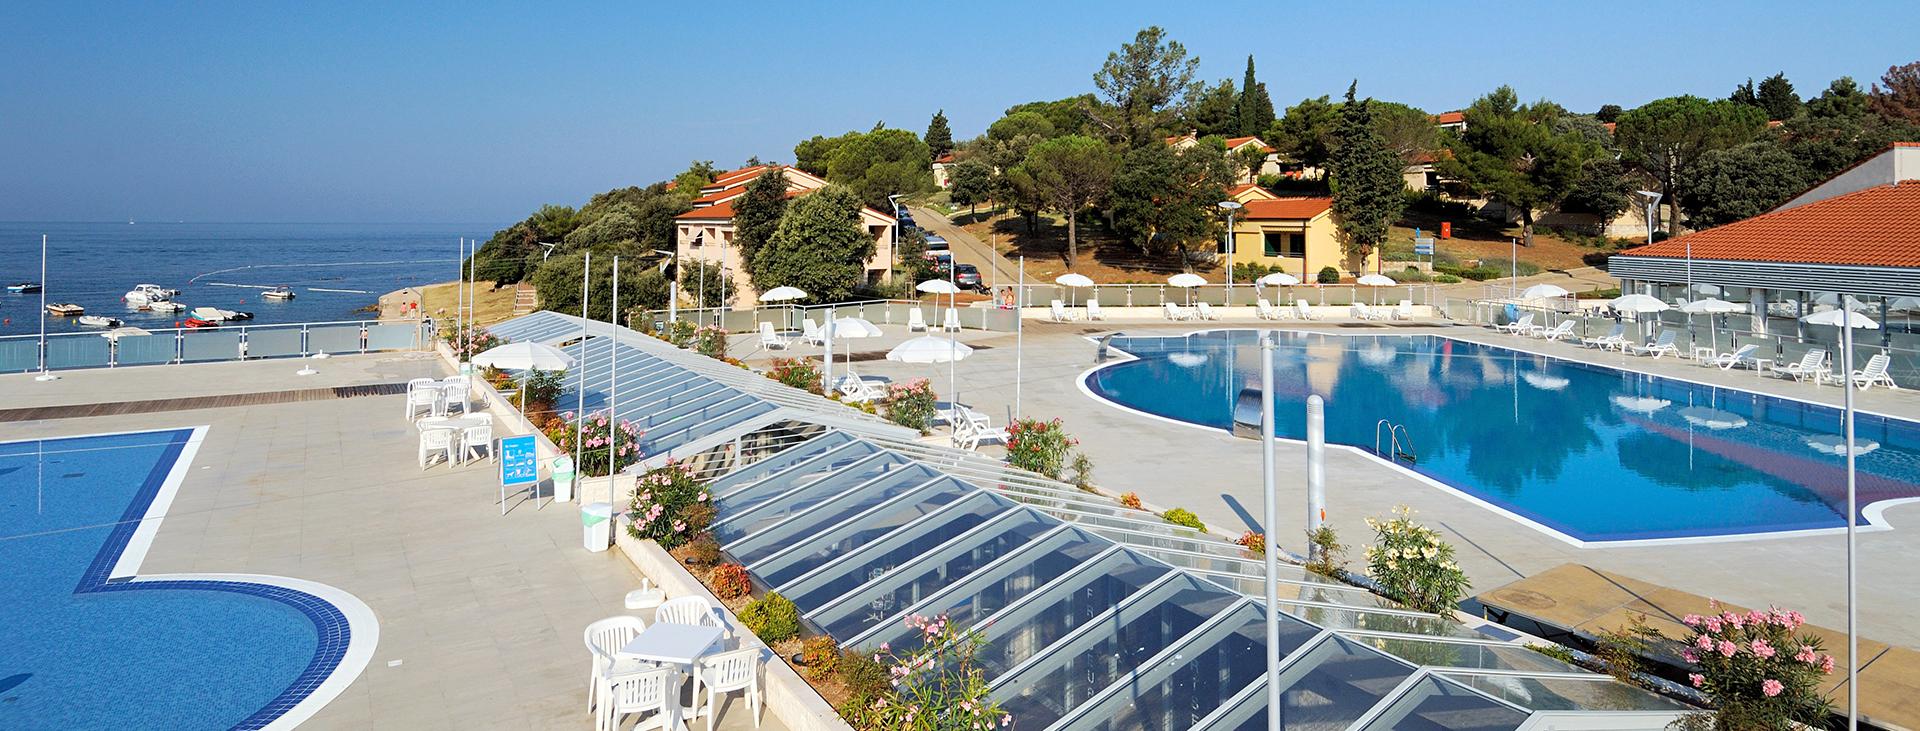 Resort Petalon Rooms, Vrsar, Istrien, Kroatien